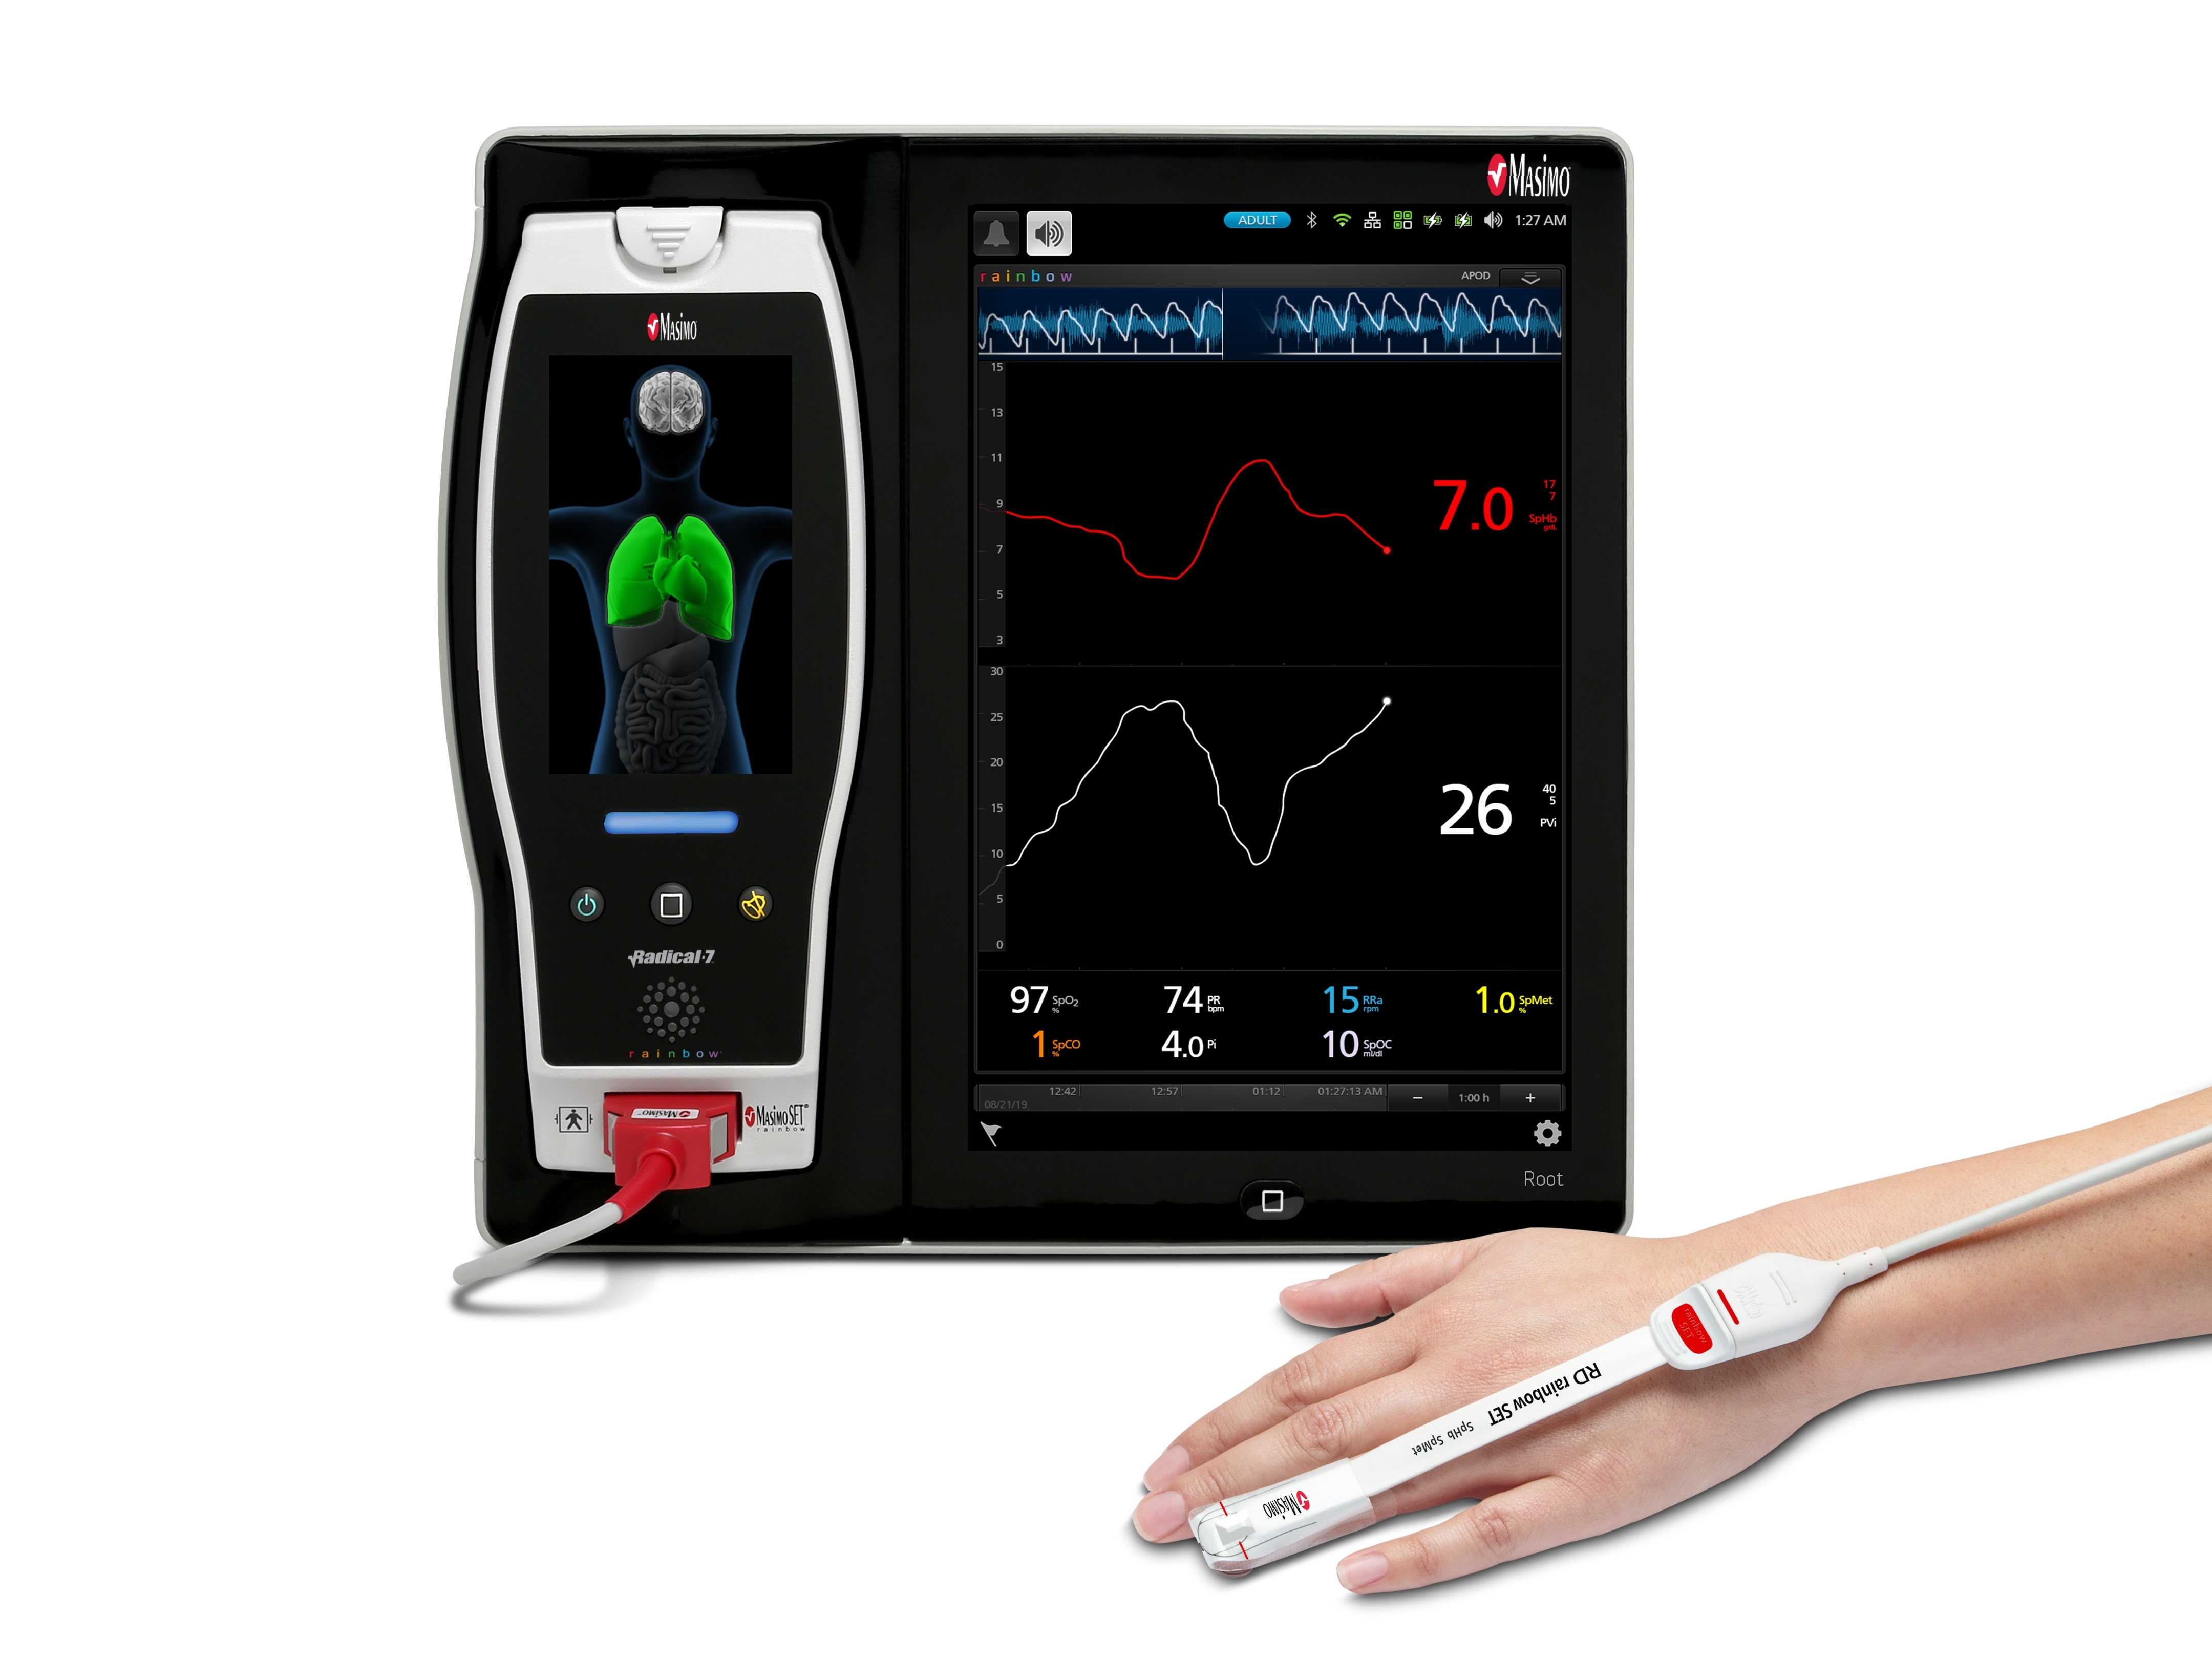 ヘモグロビン メト ヘモグロビンHb|血液ガス|用語集|ラーニング|ラジオメーター株式会社